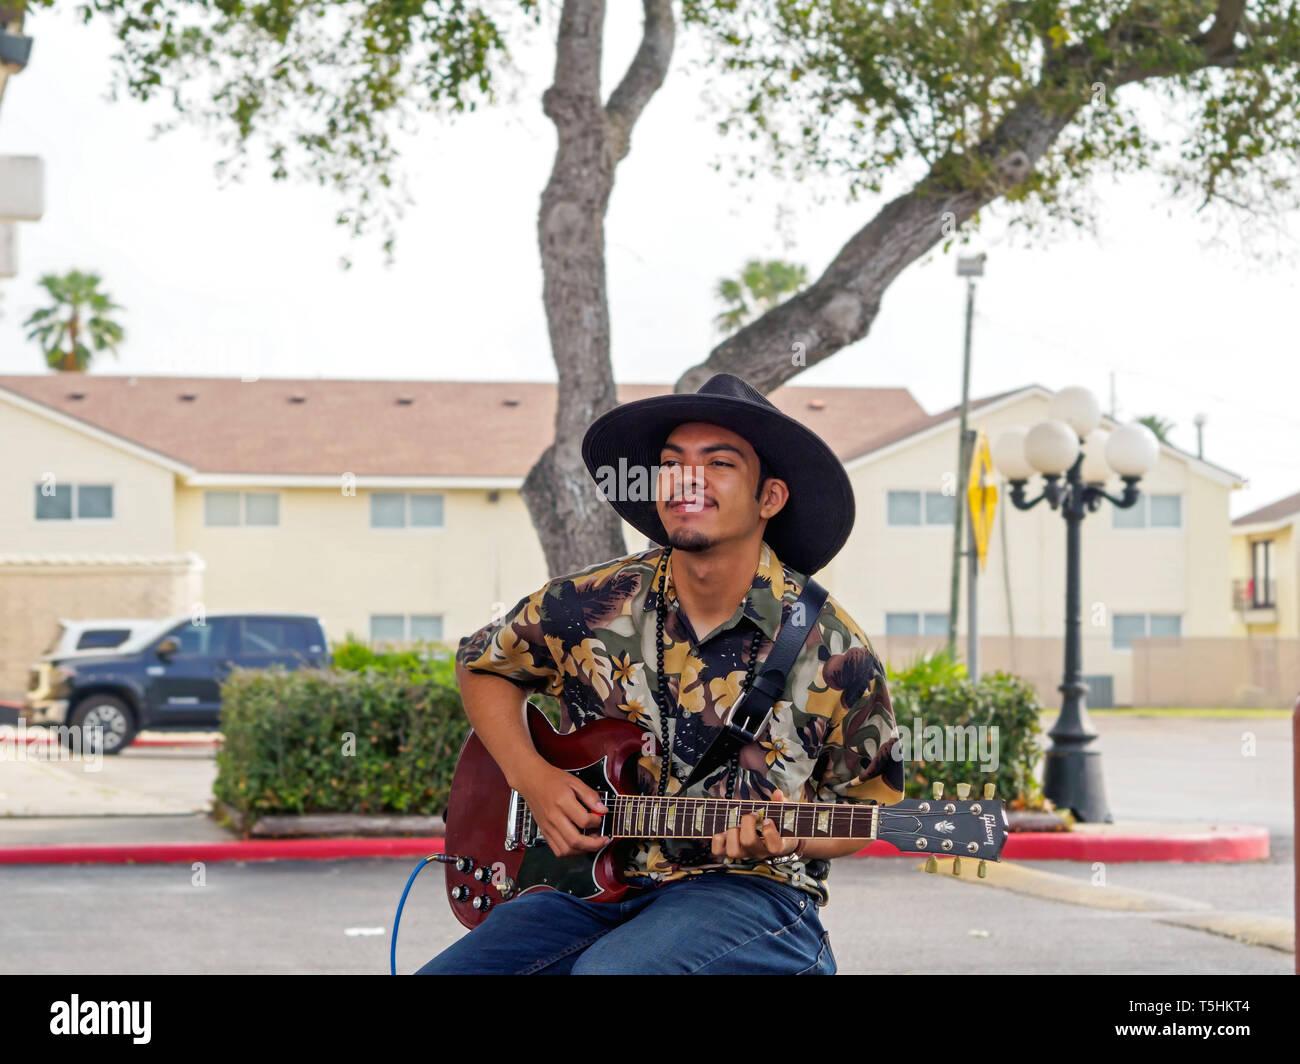 Ein hübscher junger Mann mit dunklen Teint in einem schwarzen, breitkrempiger Hut spielt eine E-Gitarre an der Corpus Christi Southside Farmers' Market. Stockbild